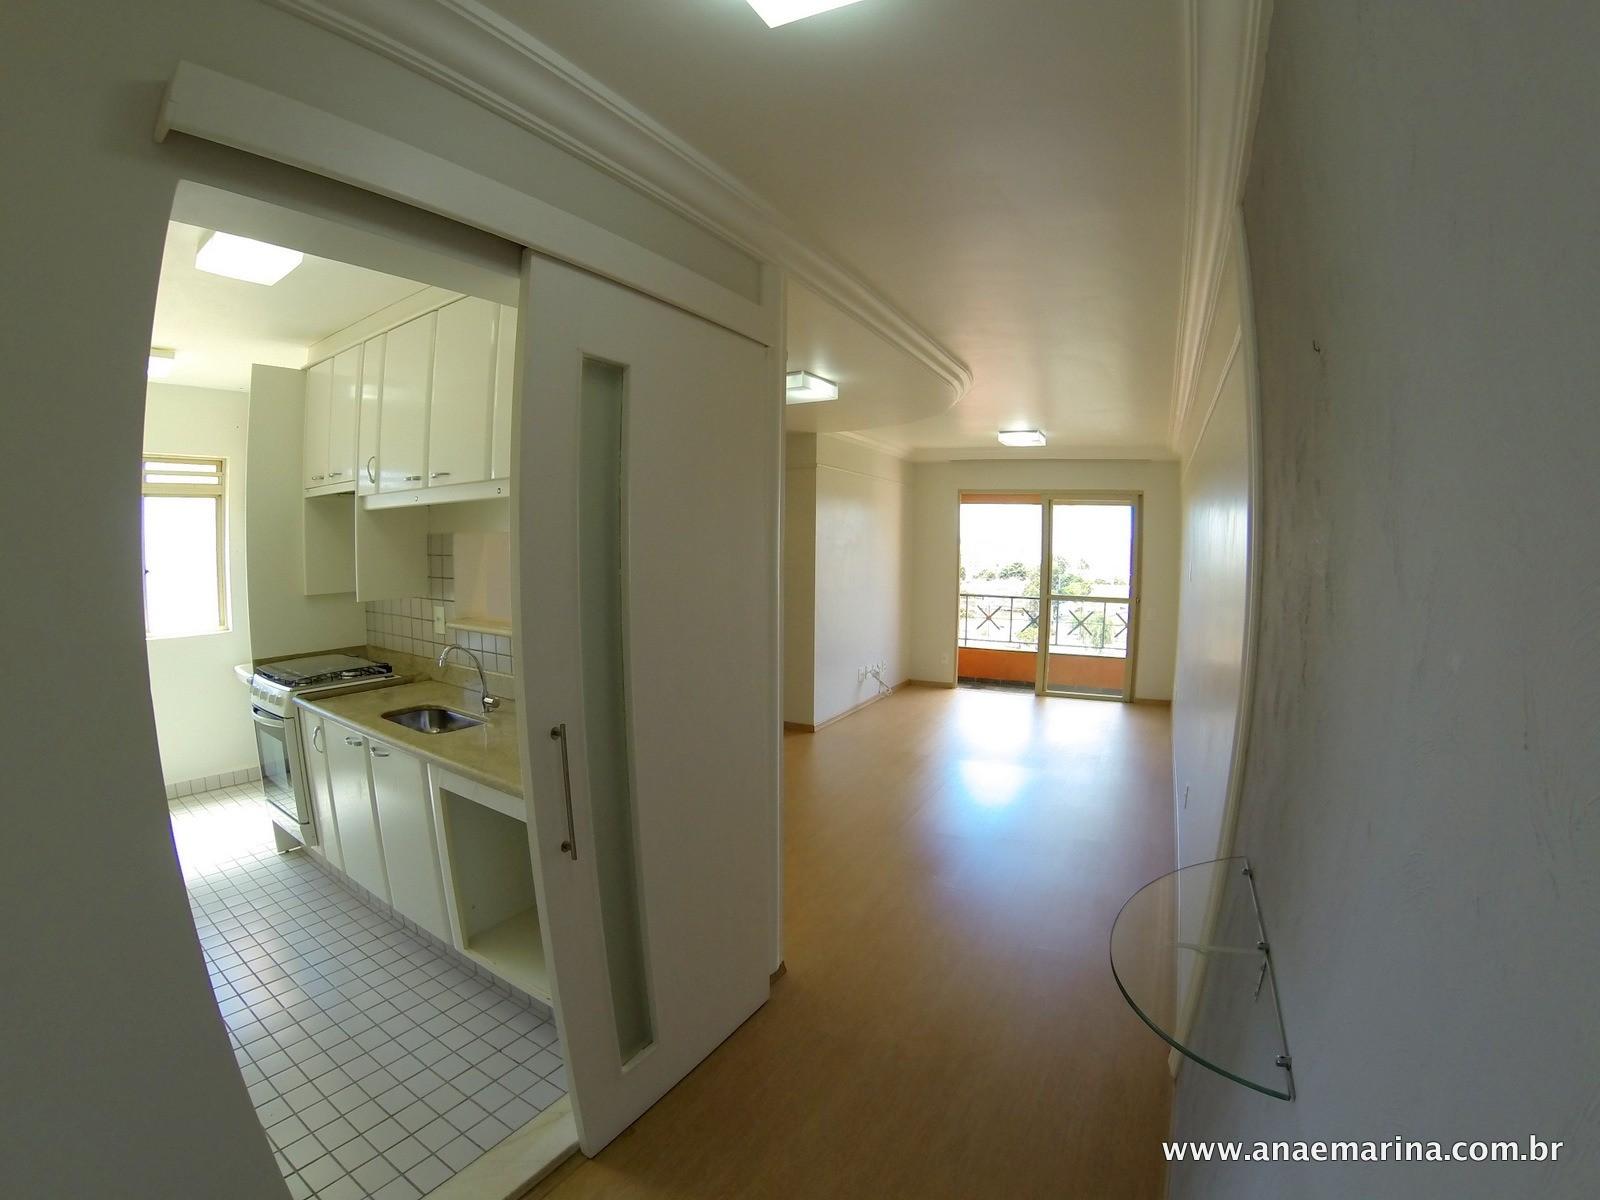 comprar ou alugar apartamento no bairro chacara da barra na cidade de campinas-sp